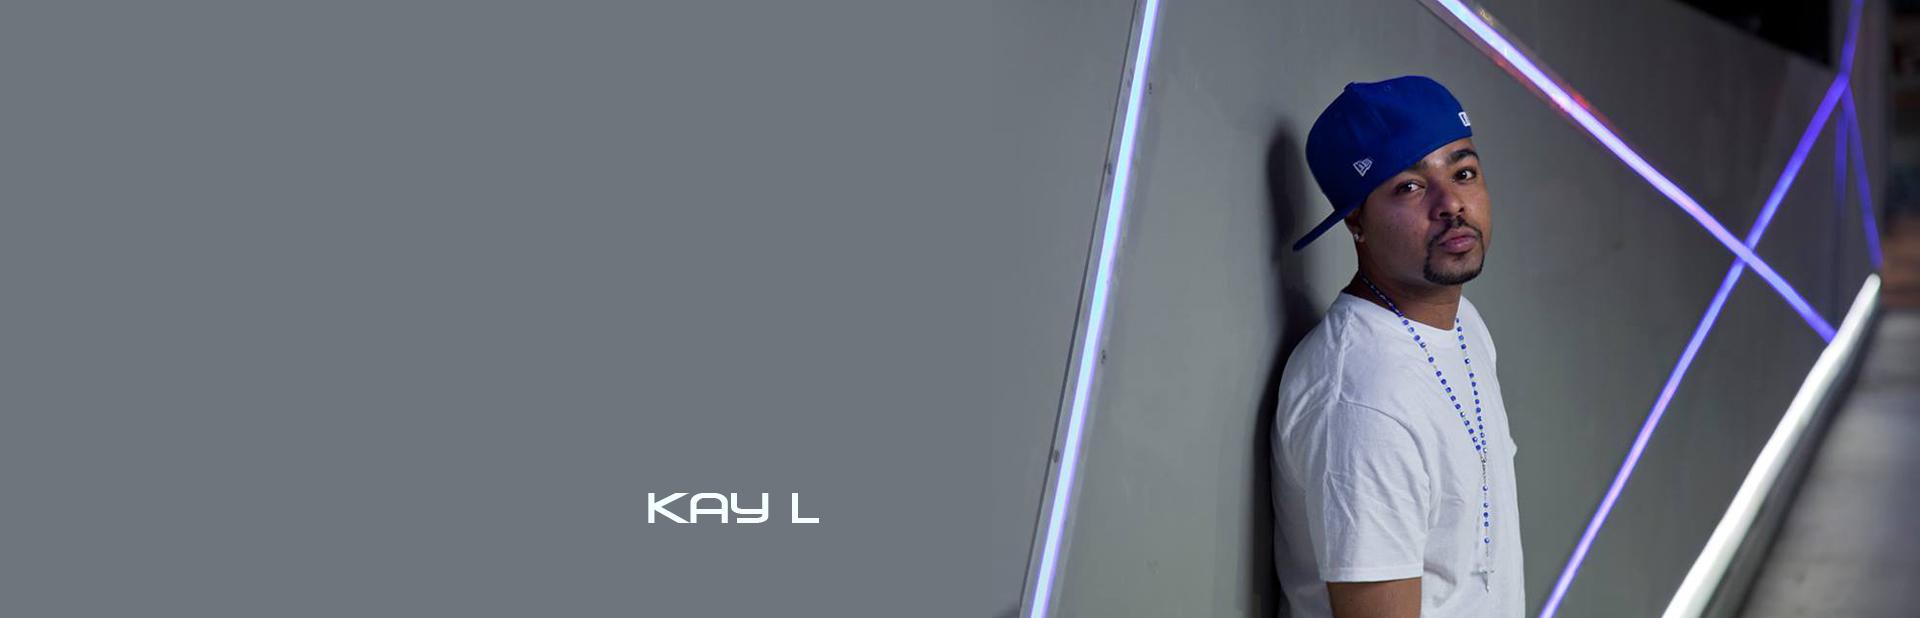 Kay-L-01